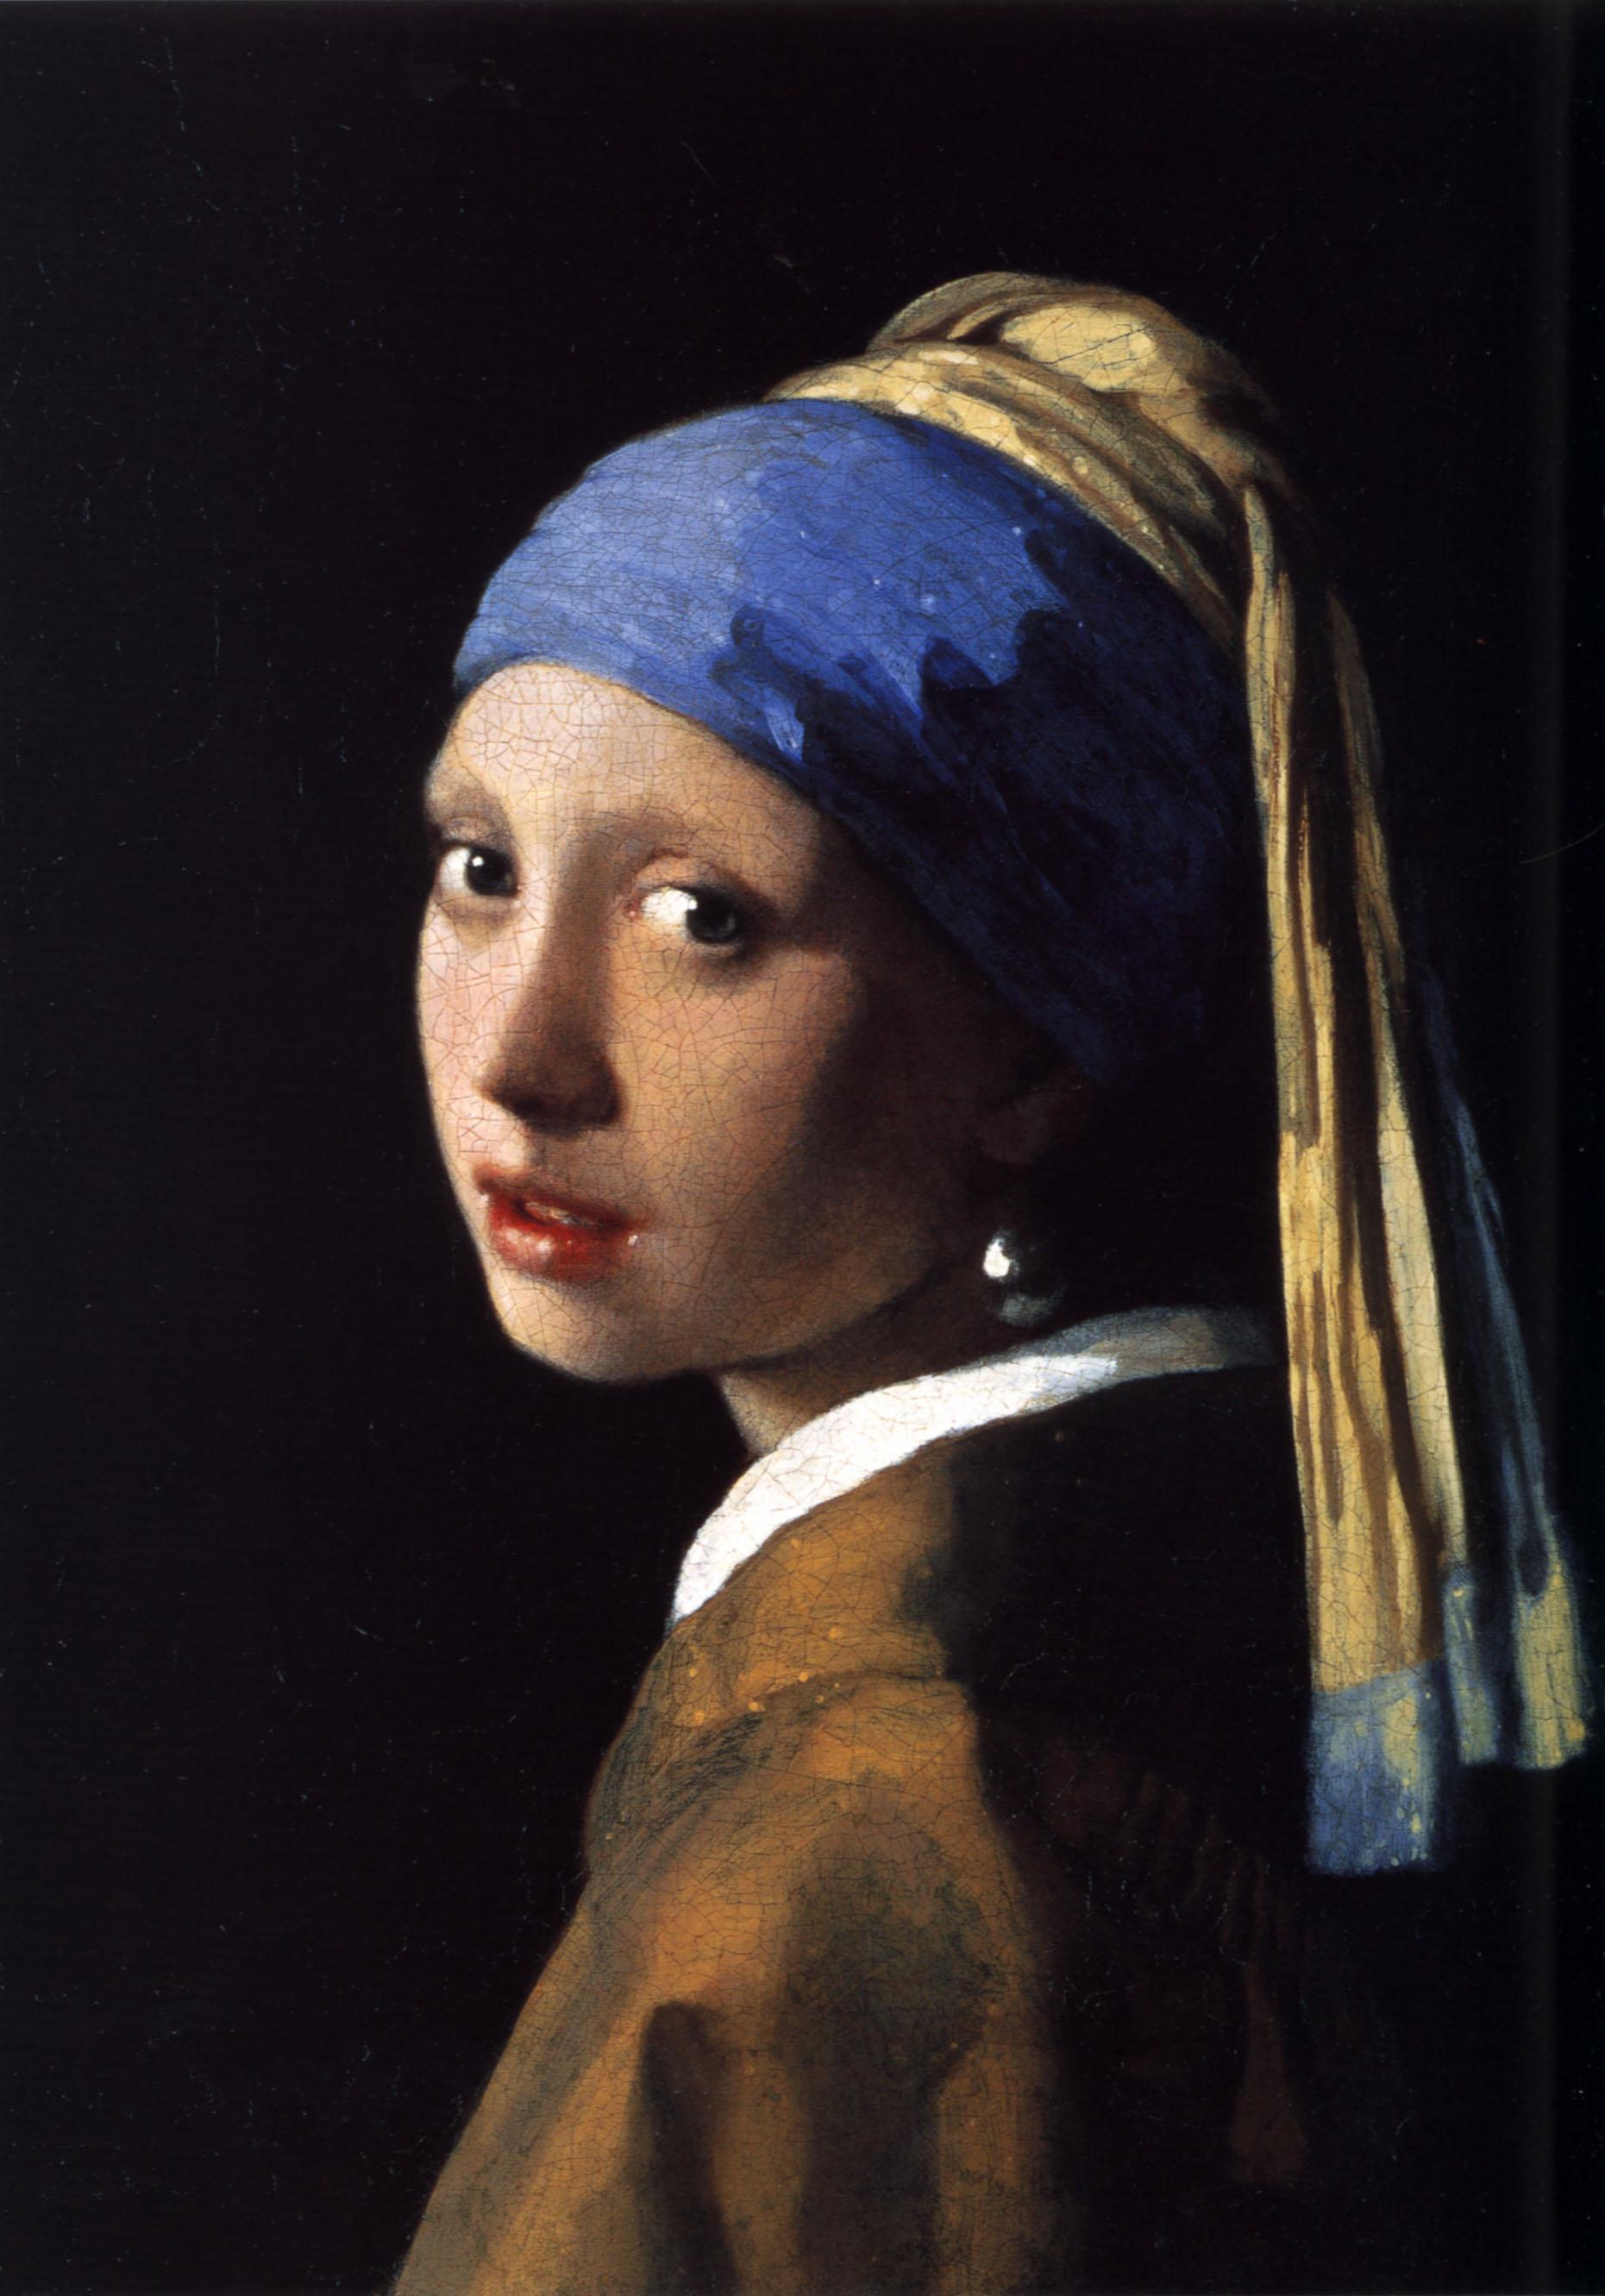 Girl-With-a-Pearl-Earring_Vermeer.jpg